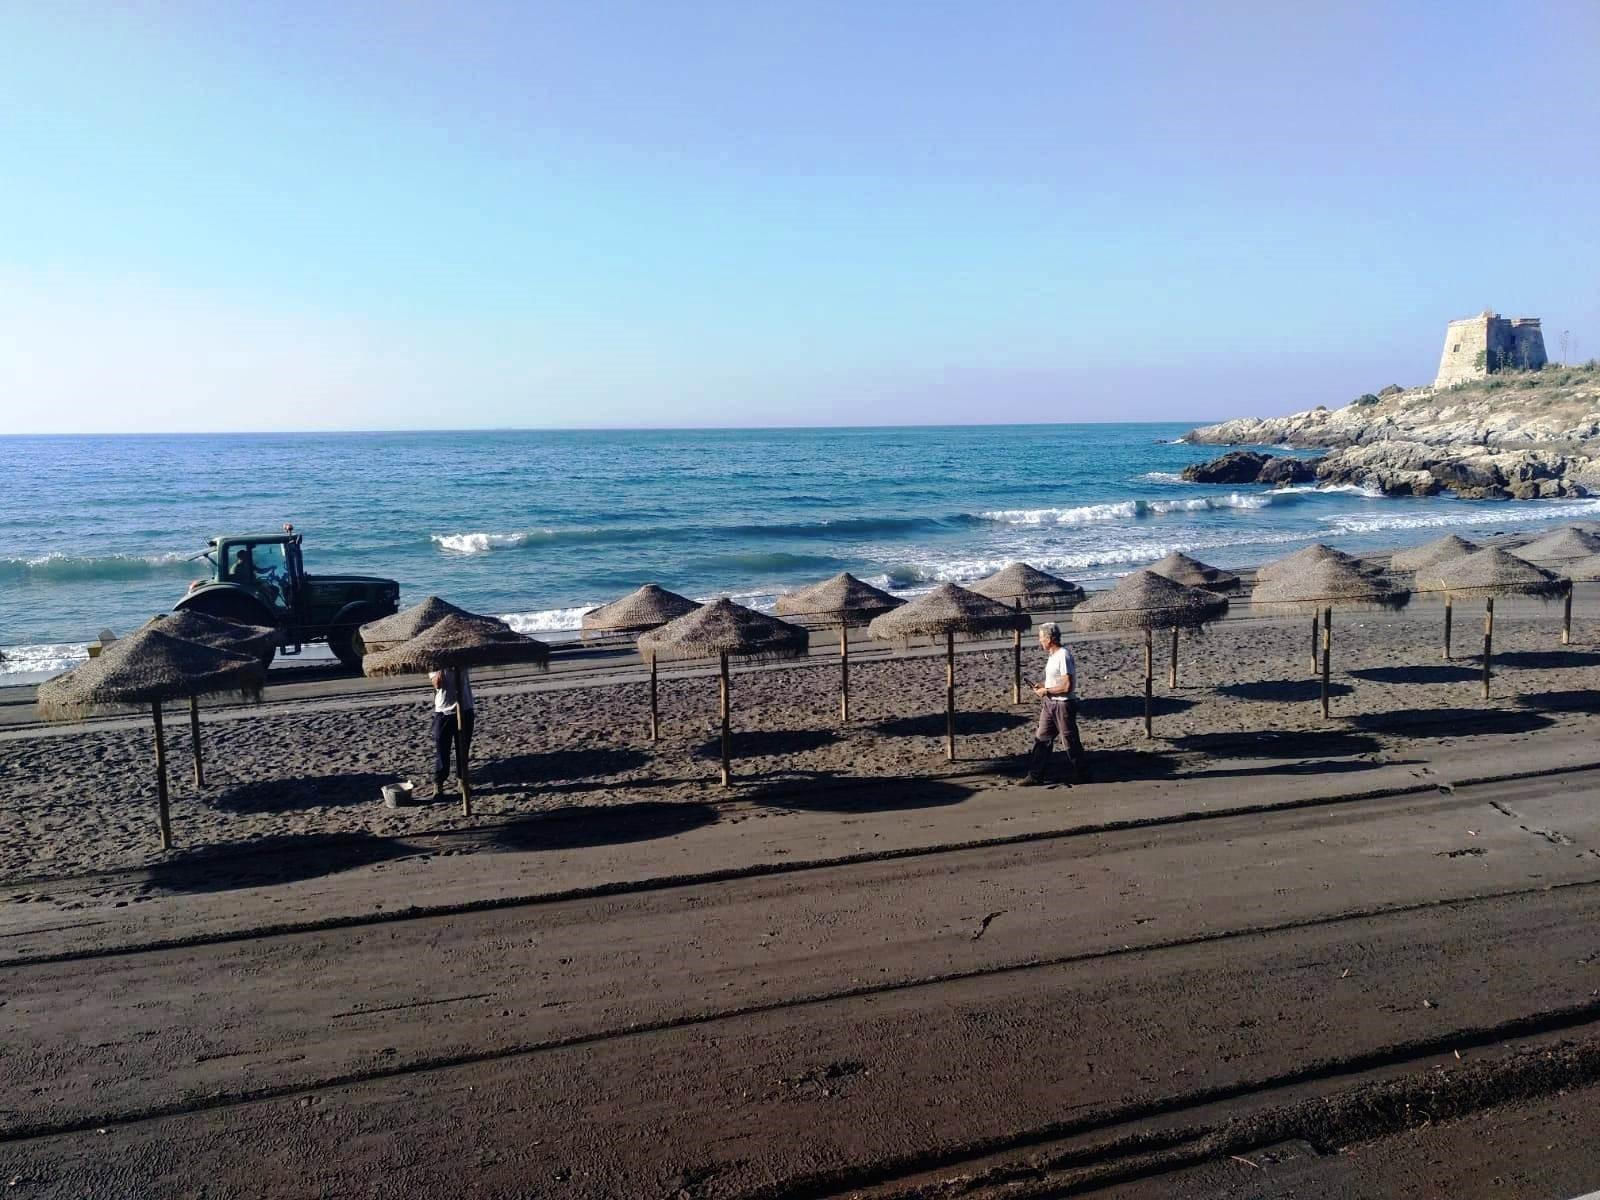 La Costa Tropical cierra sus playas ante la expansión del Coronavirus tras la llegada de nuevos turistas